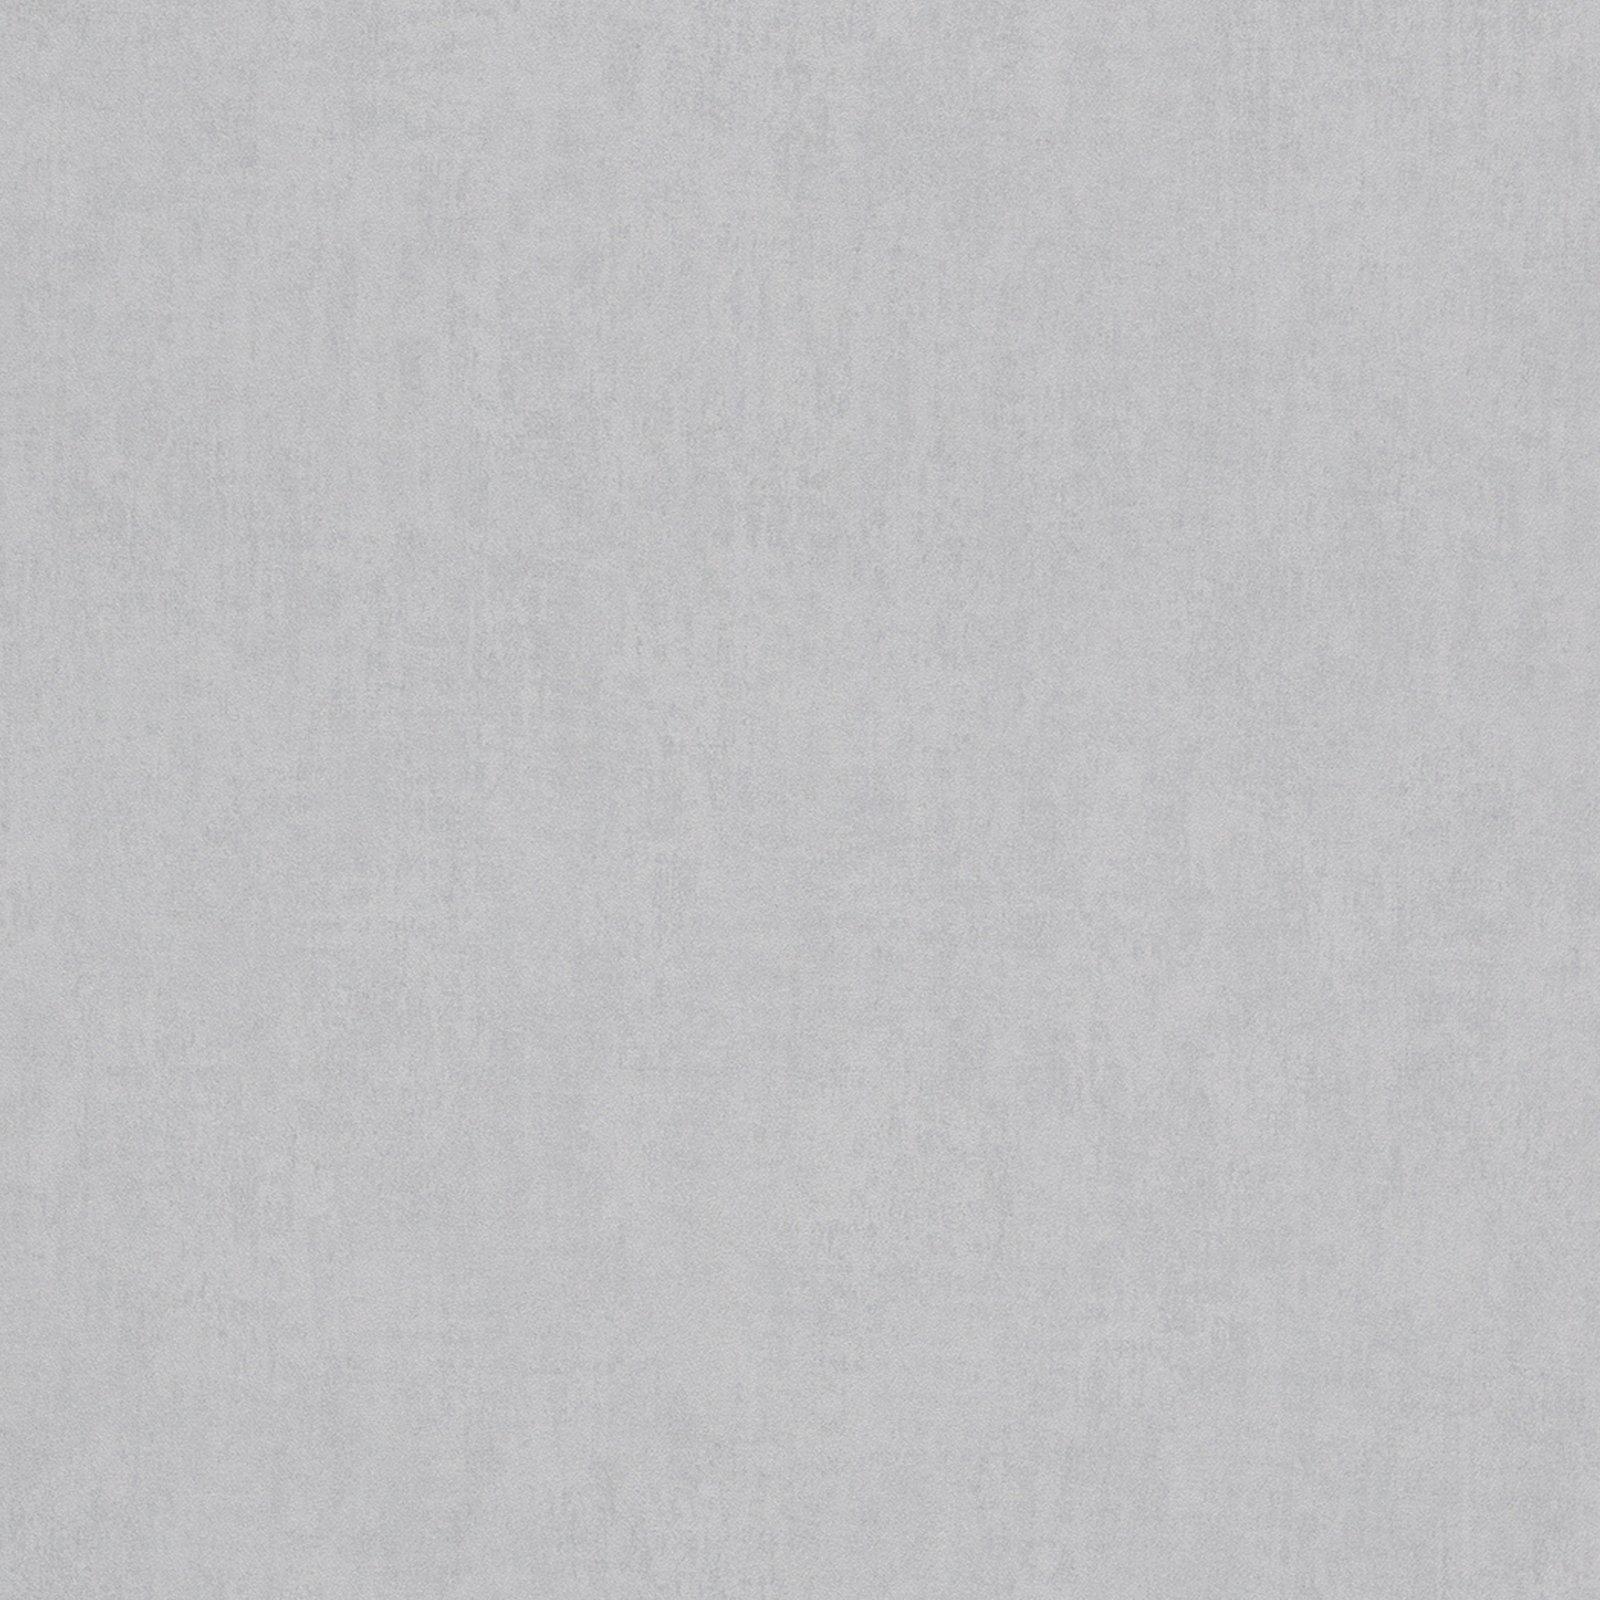 Papiertapete - grau - uni - 10 Meter